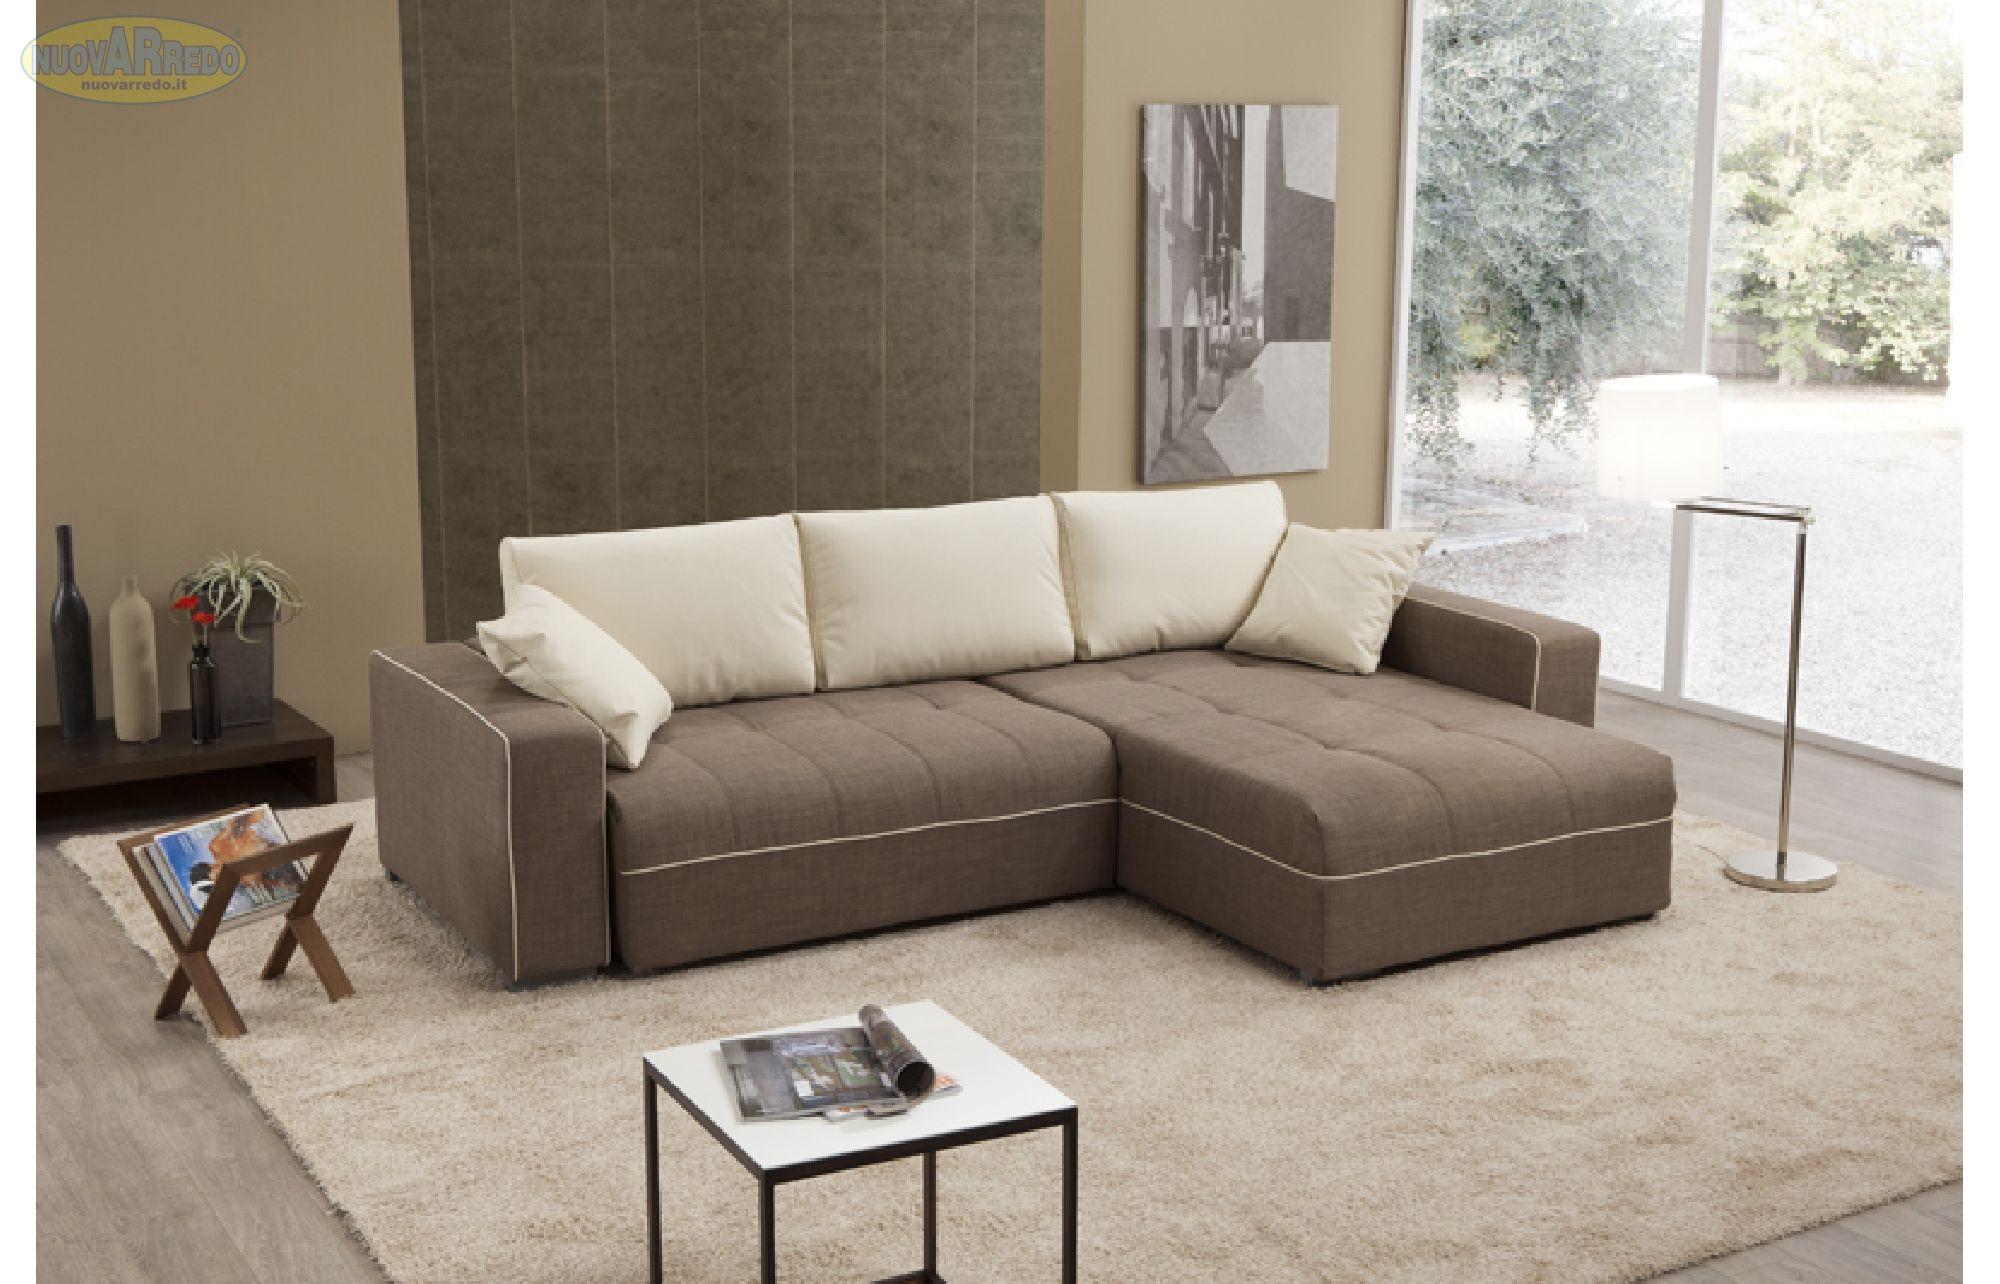 Prezzo 650 divano casa bicolore scocca in tessuto for Tende beige e marrone